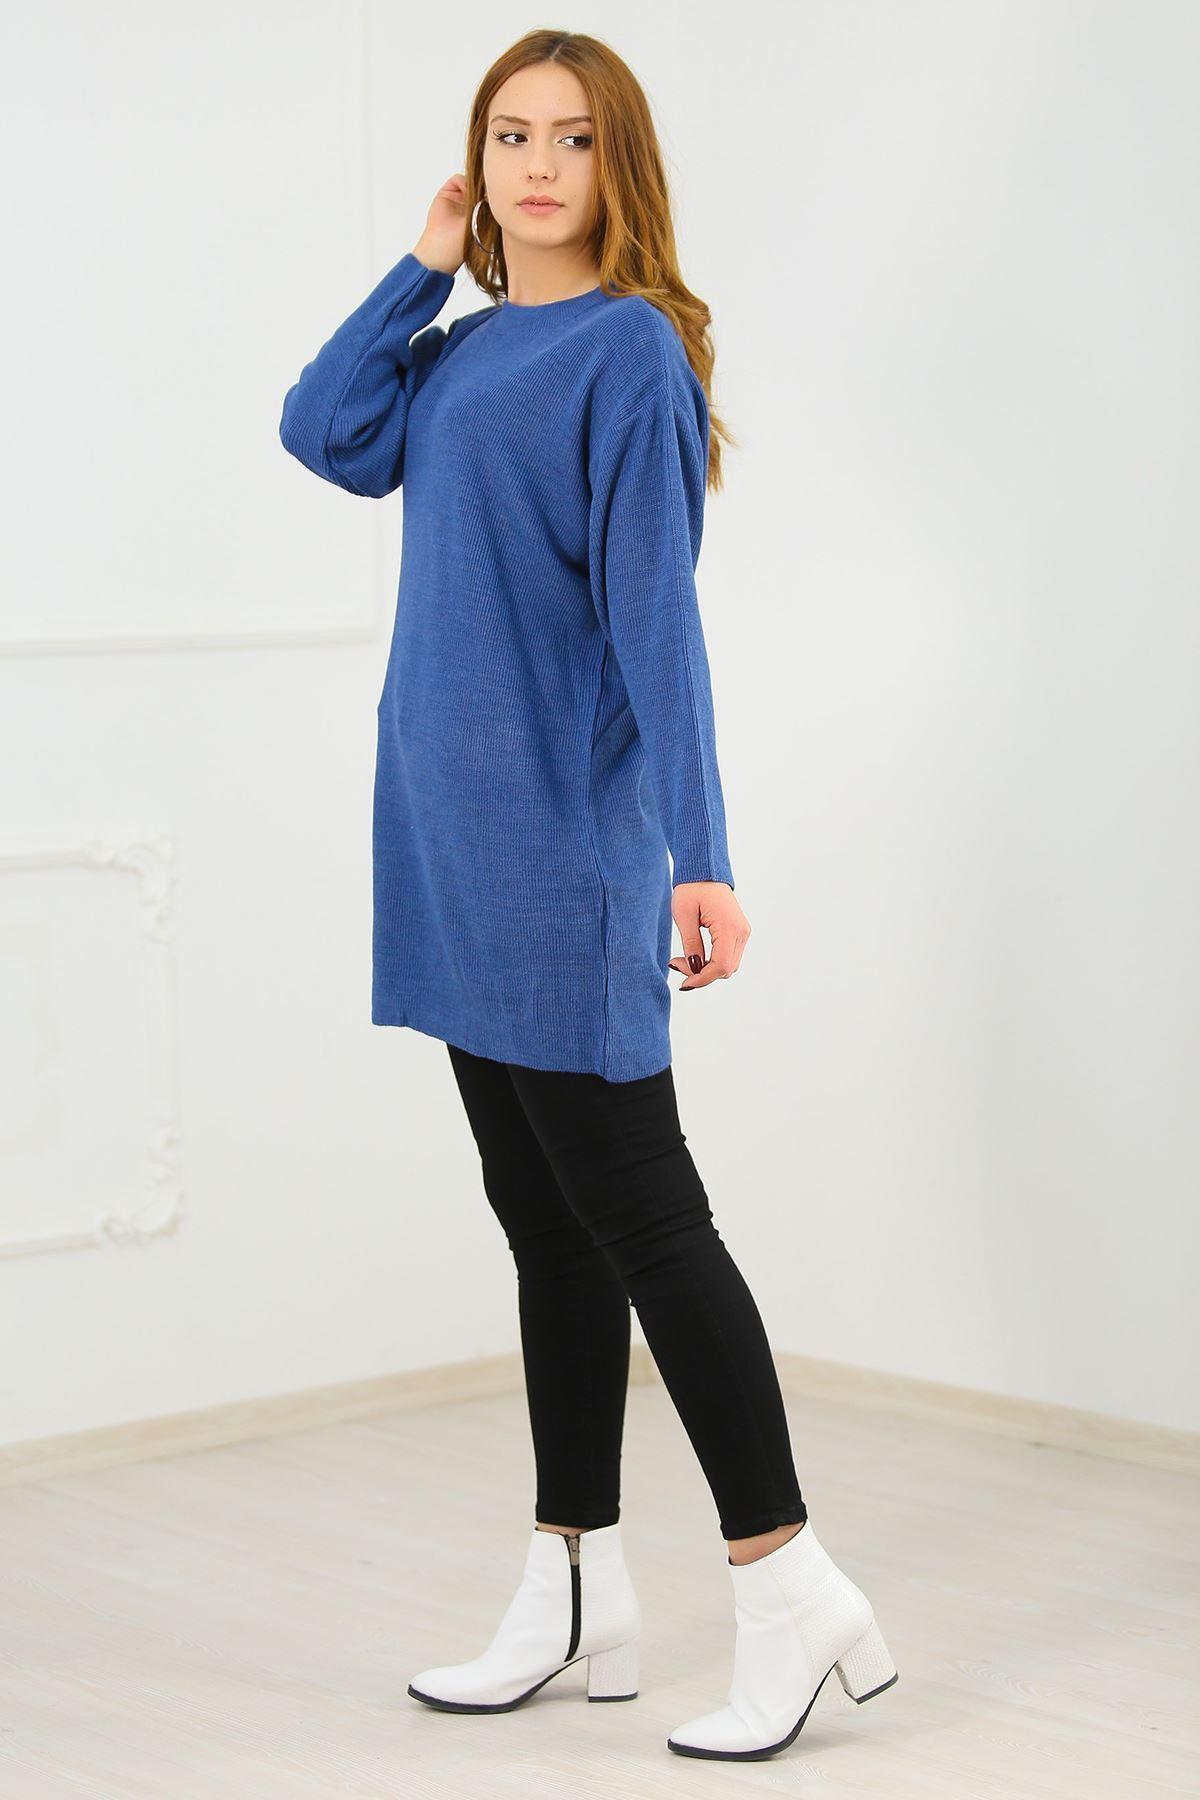 Triko Tunik Mavi - 5323.109.